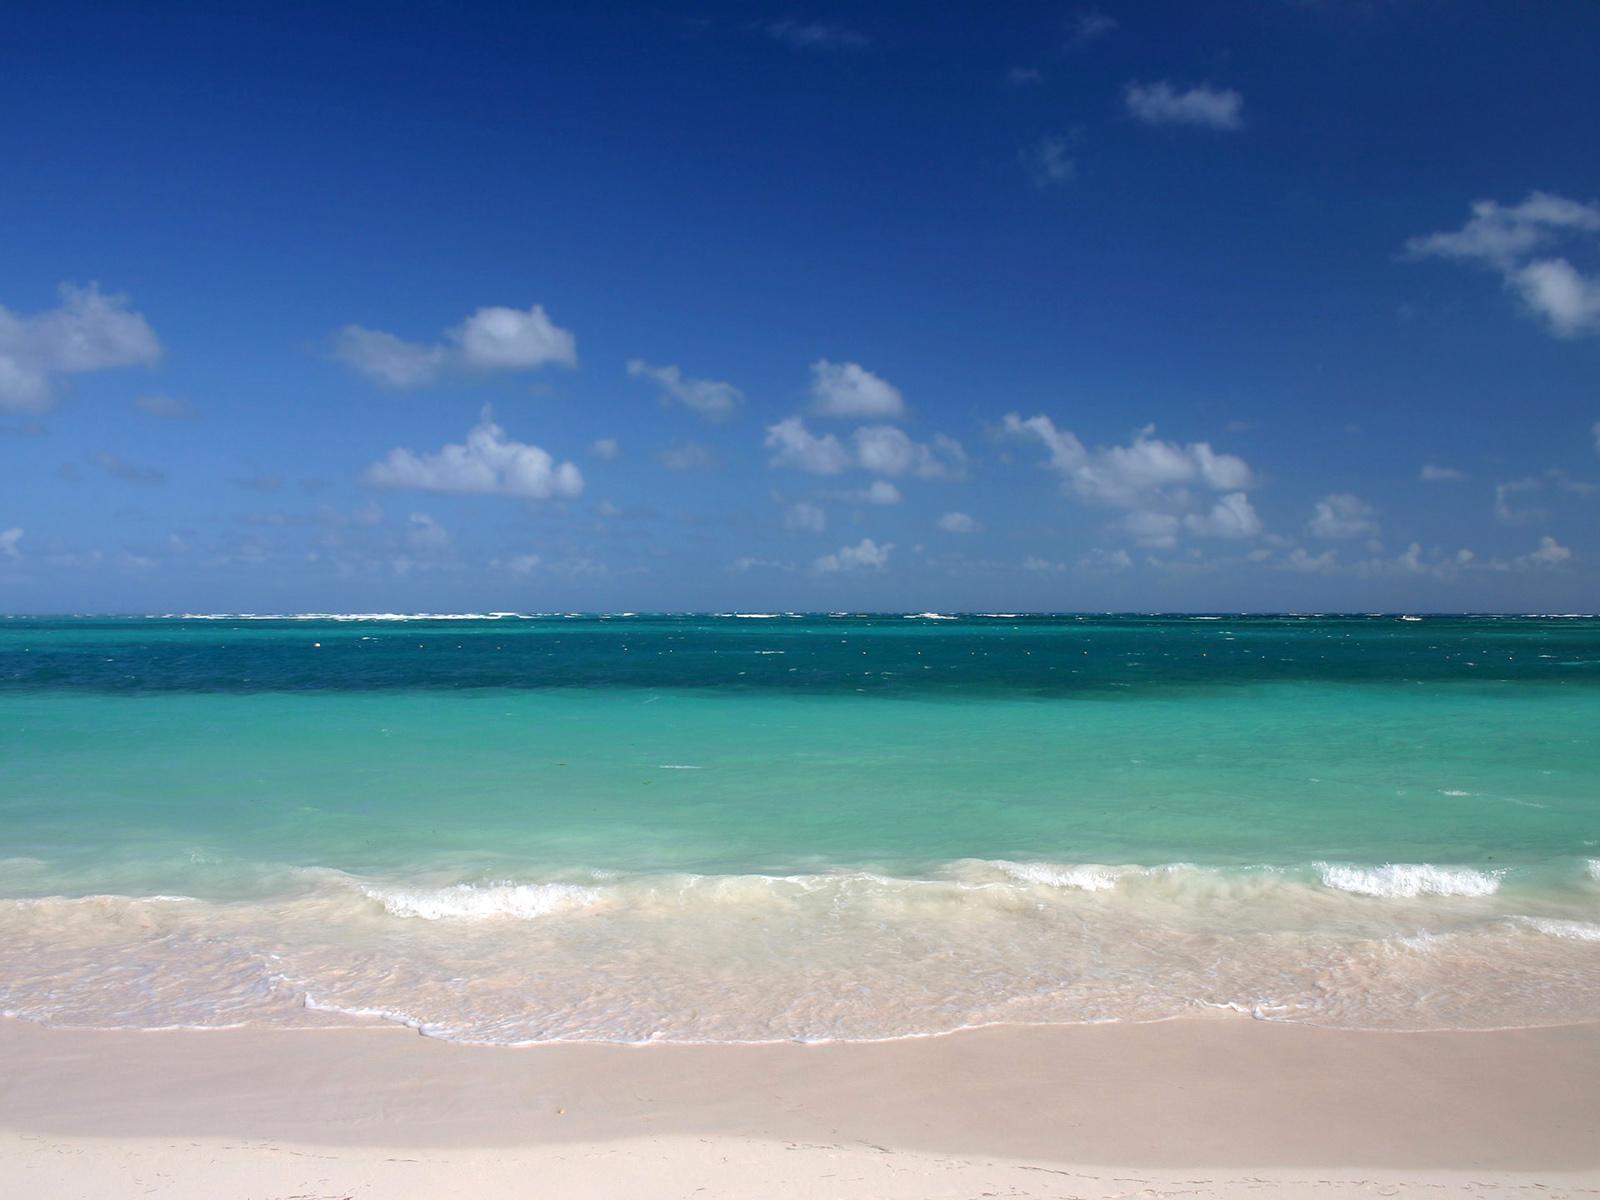 Скачать картинку Пейзаж, Небо, Море, Облака, Пляж в телефон бесплатно.